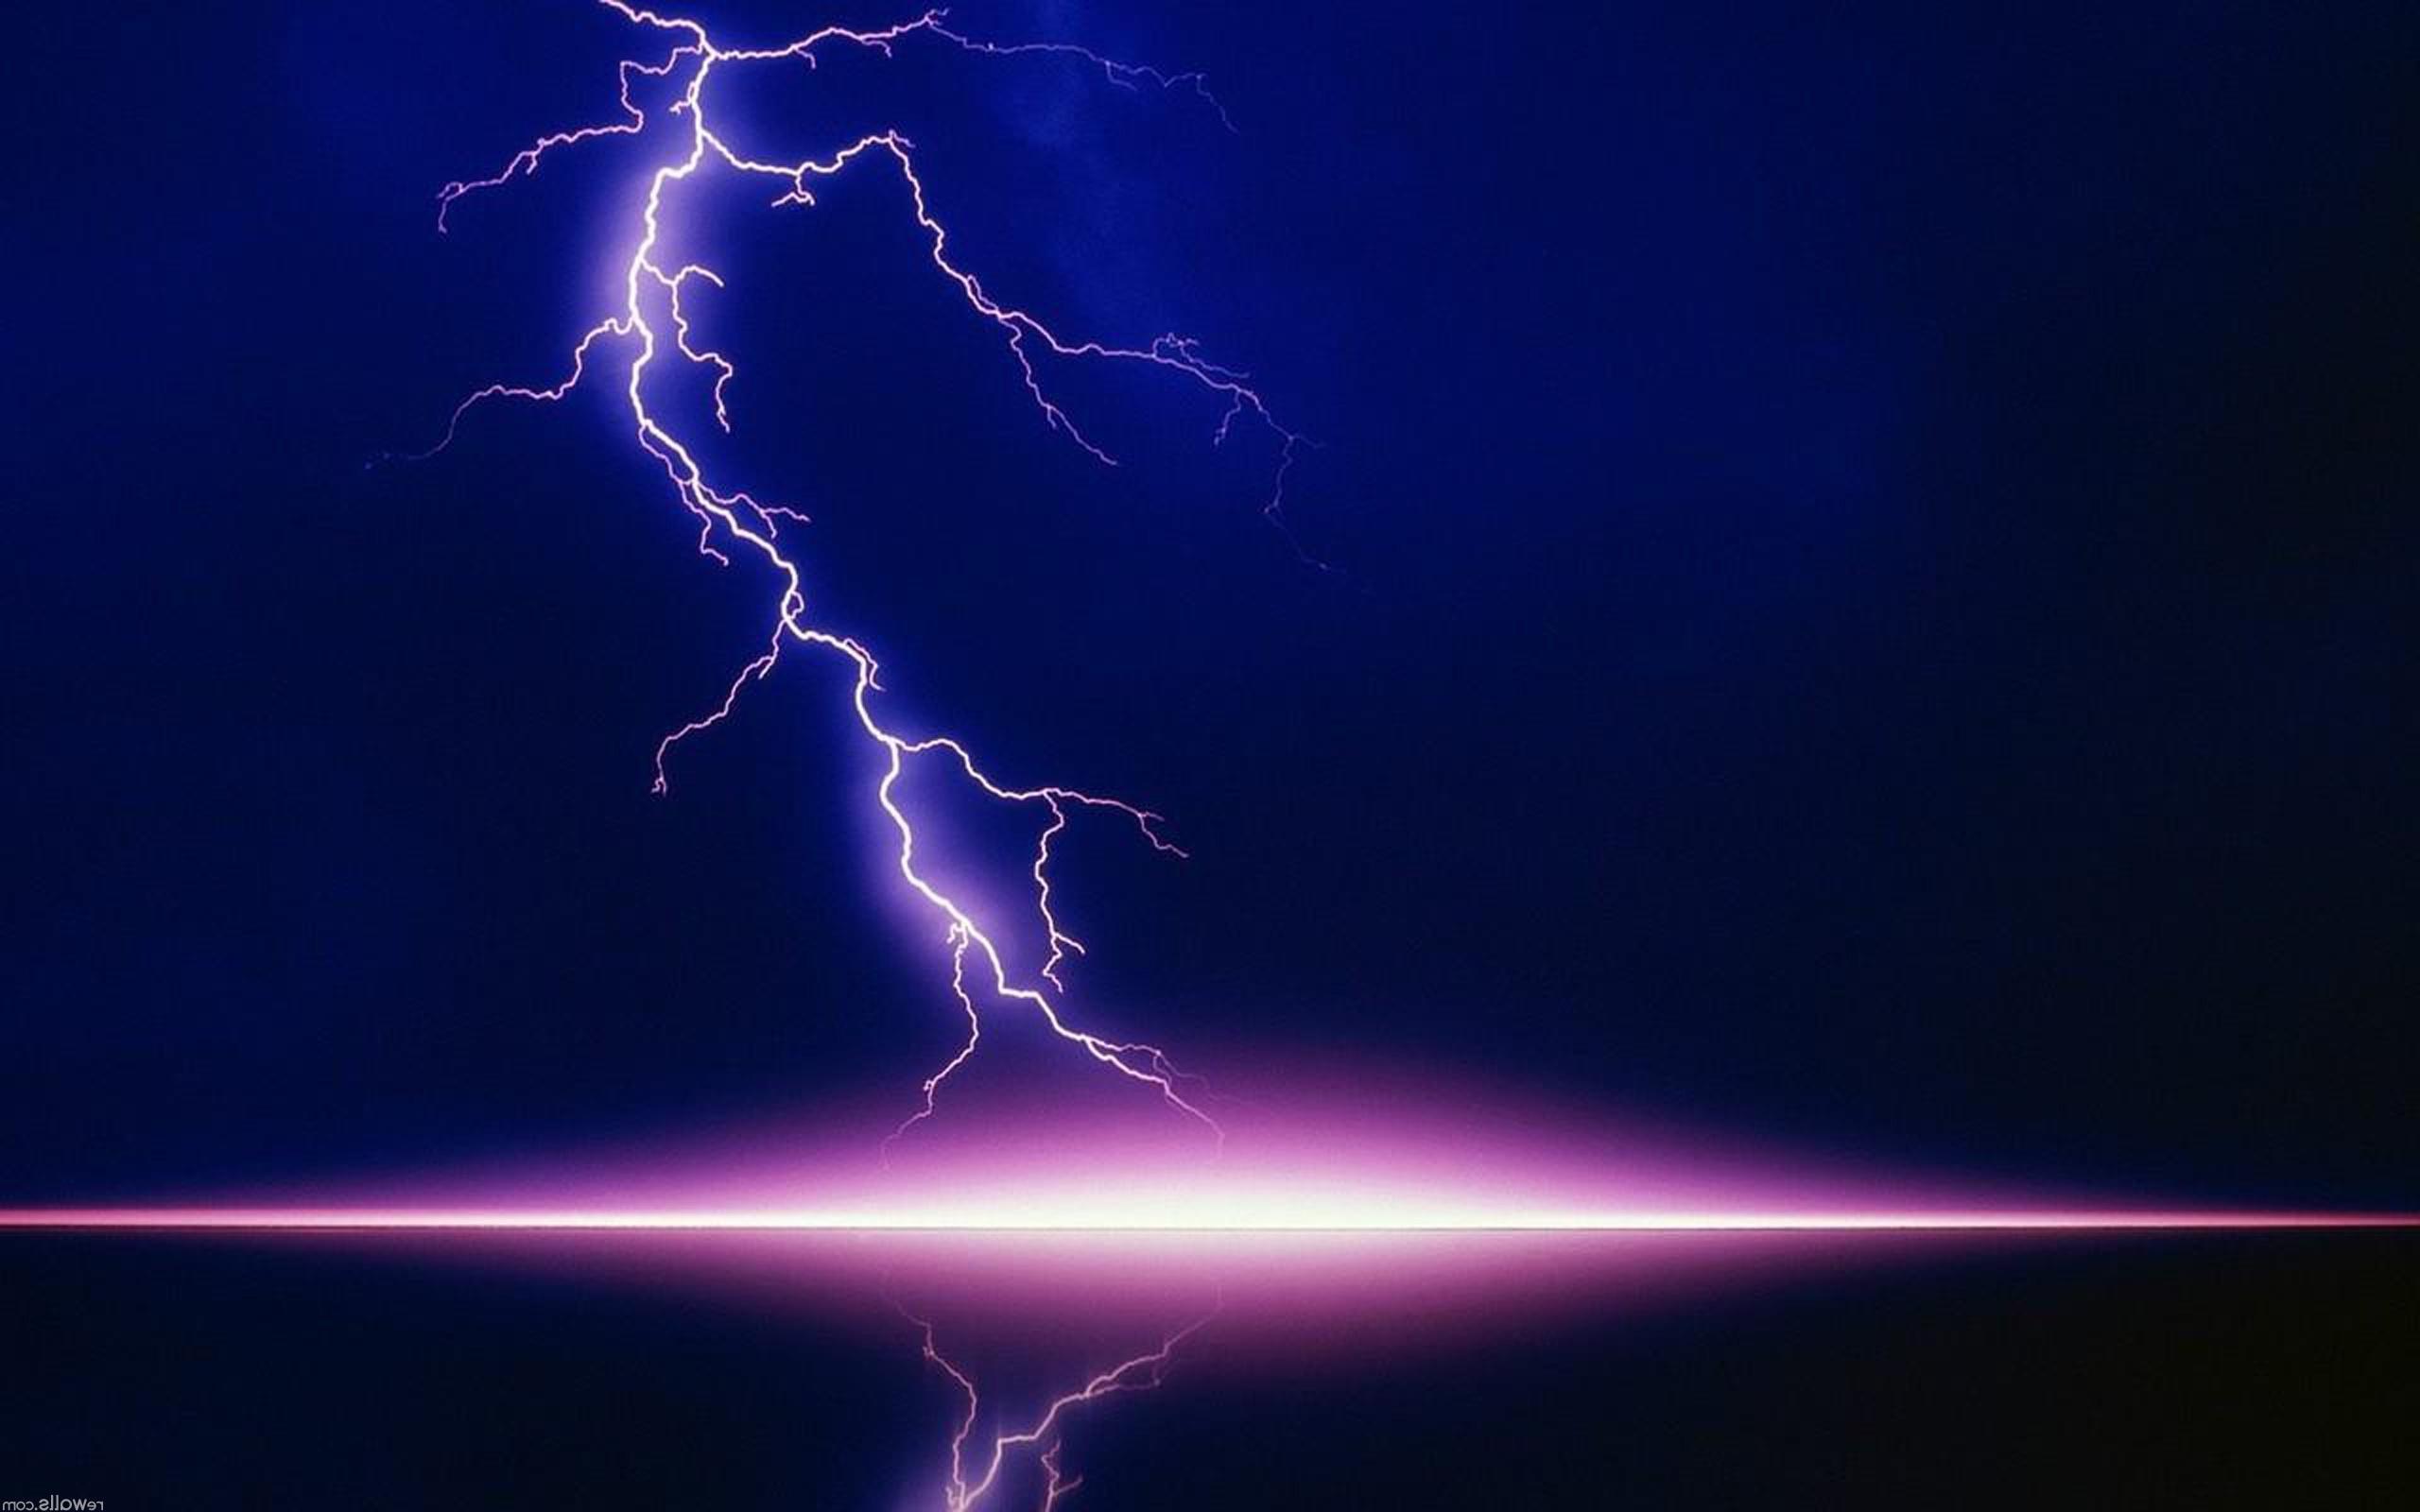 ocean lightning storms – Google Search | Lightning storms | Pinterest |  Lightning, Storms and Nature wallpaper